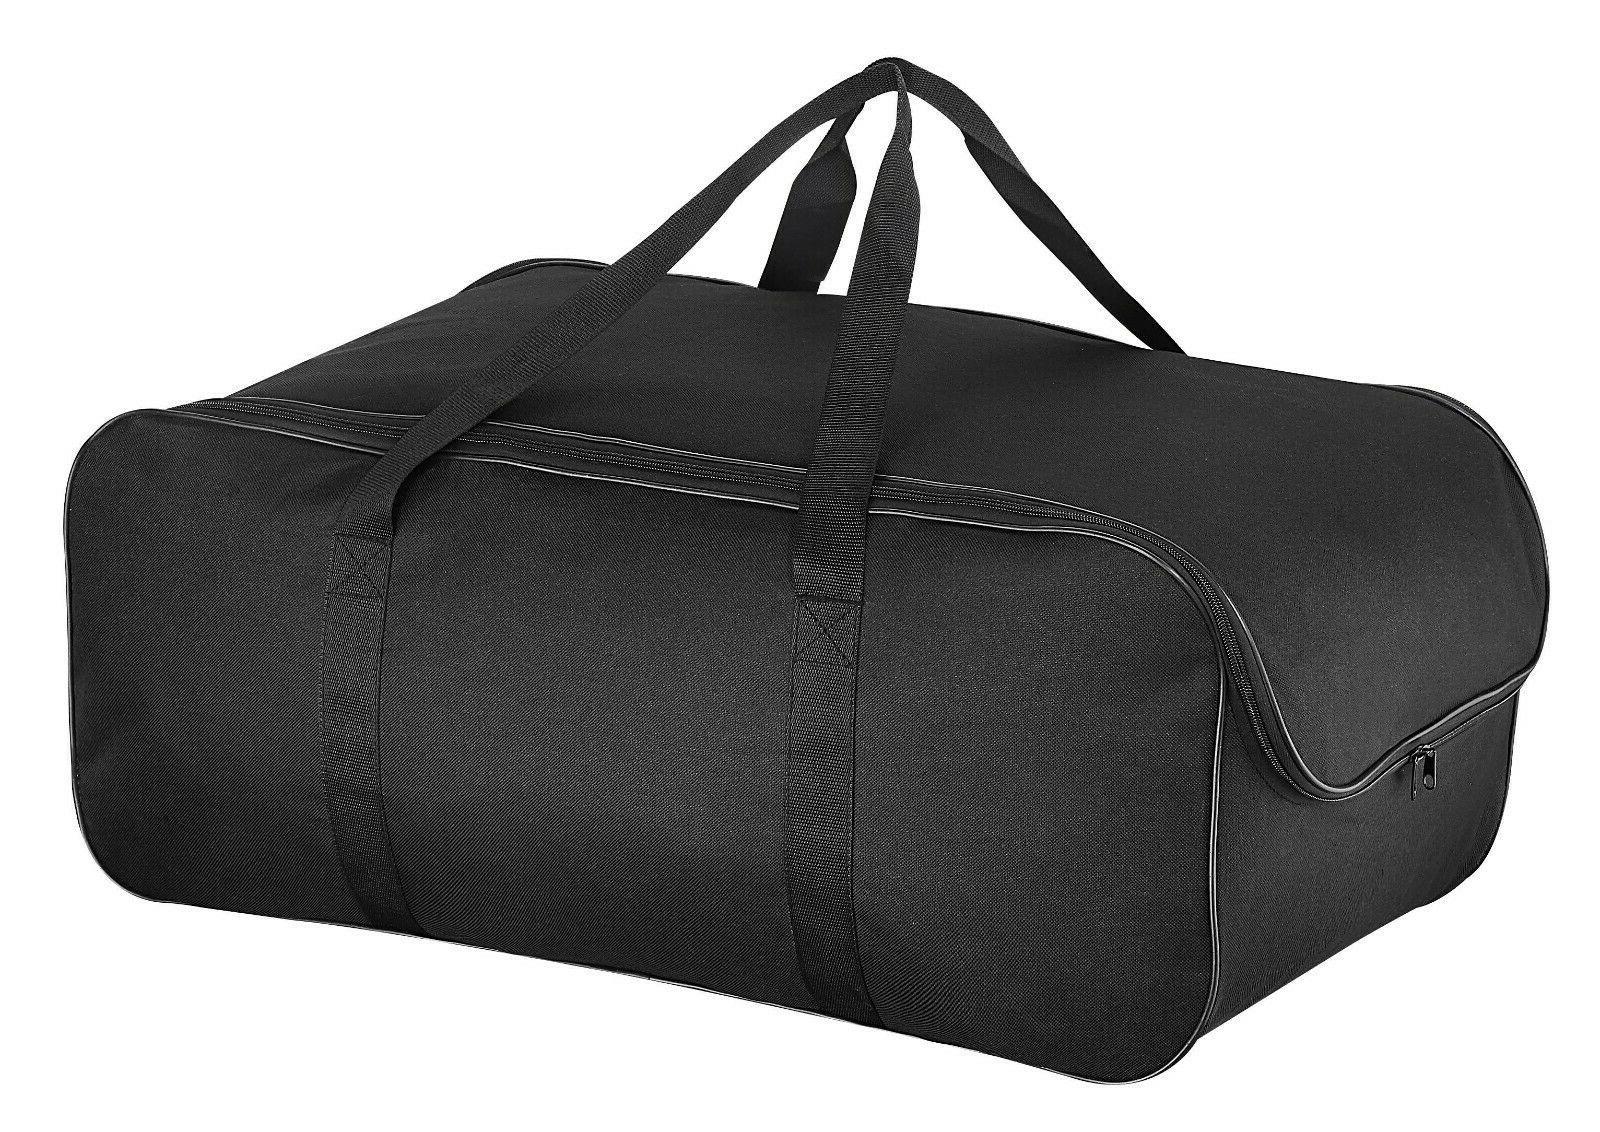 golf cart carry bag